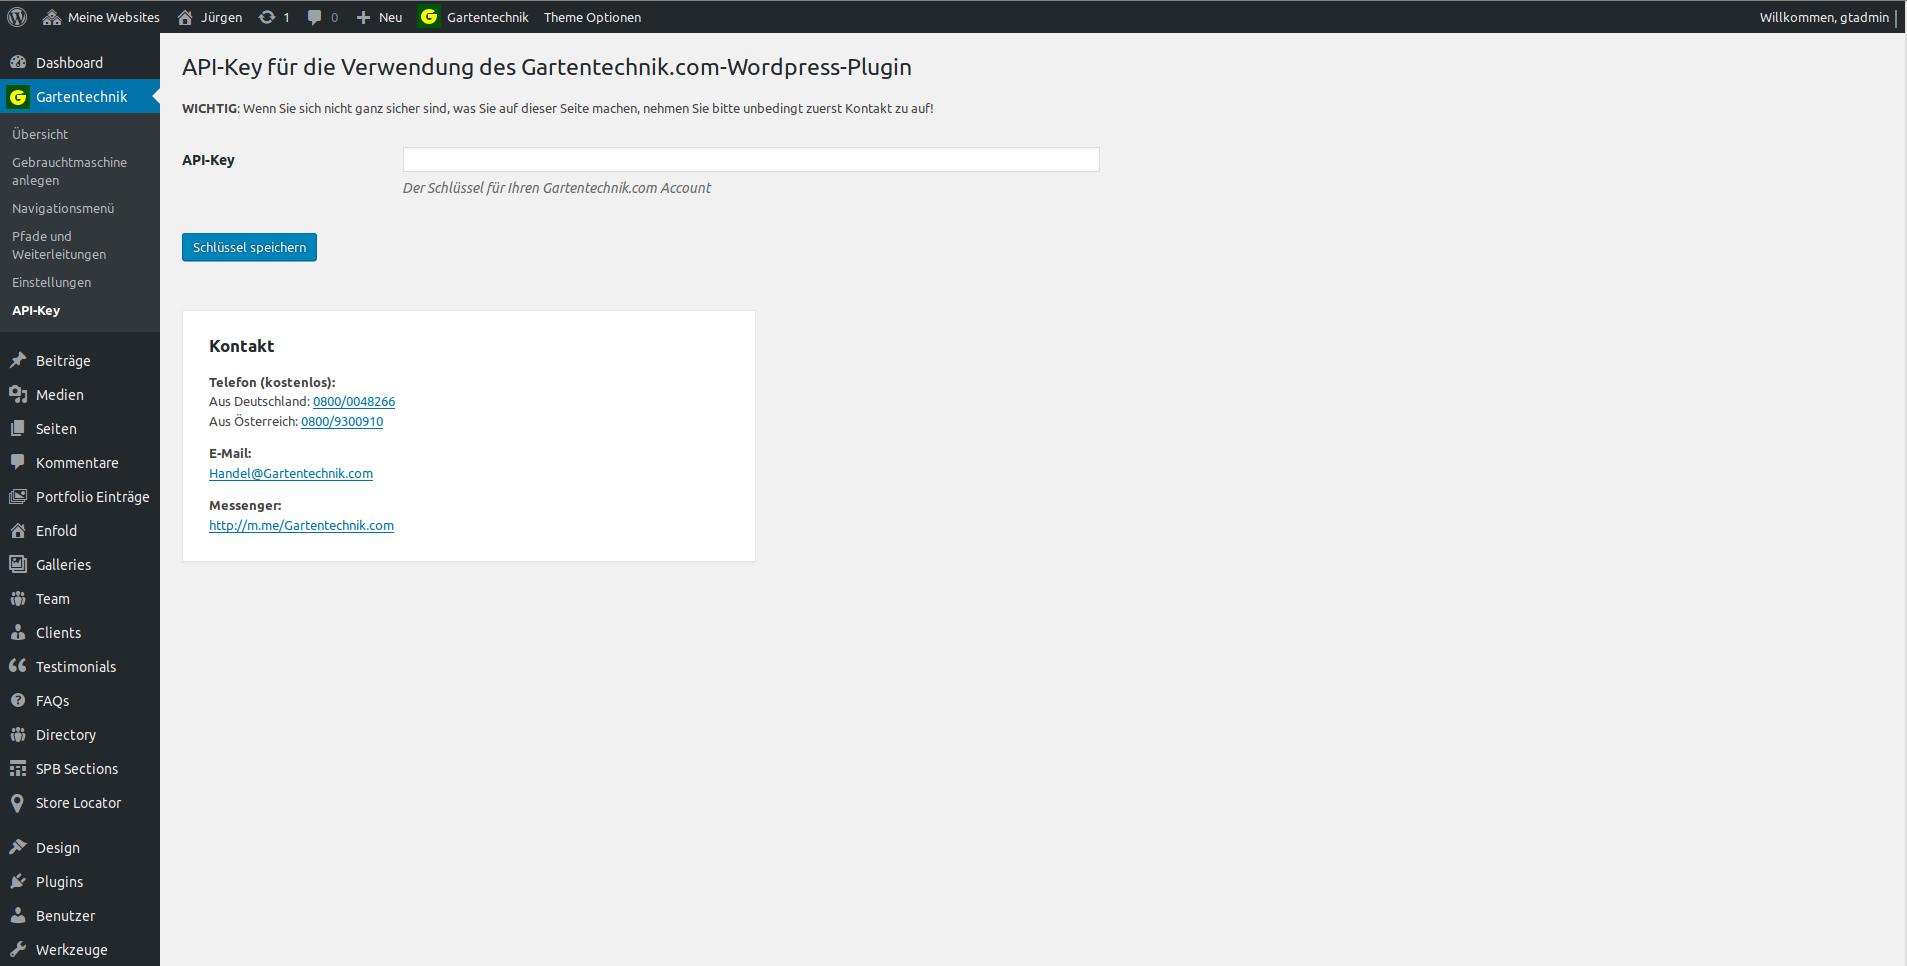 API-Key für das Gartentechnik.com-WordPress-Plugin: Hier wird initial der API-Key hinterlegt, um das Plugin nutzen zu können.